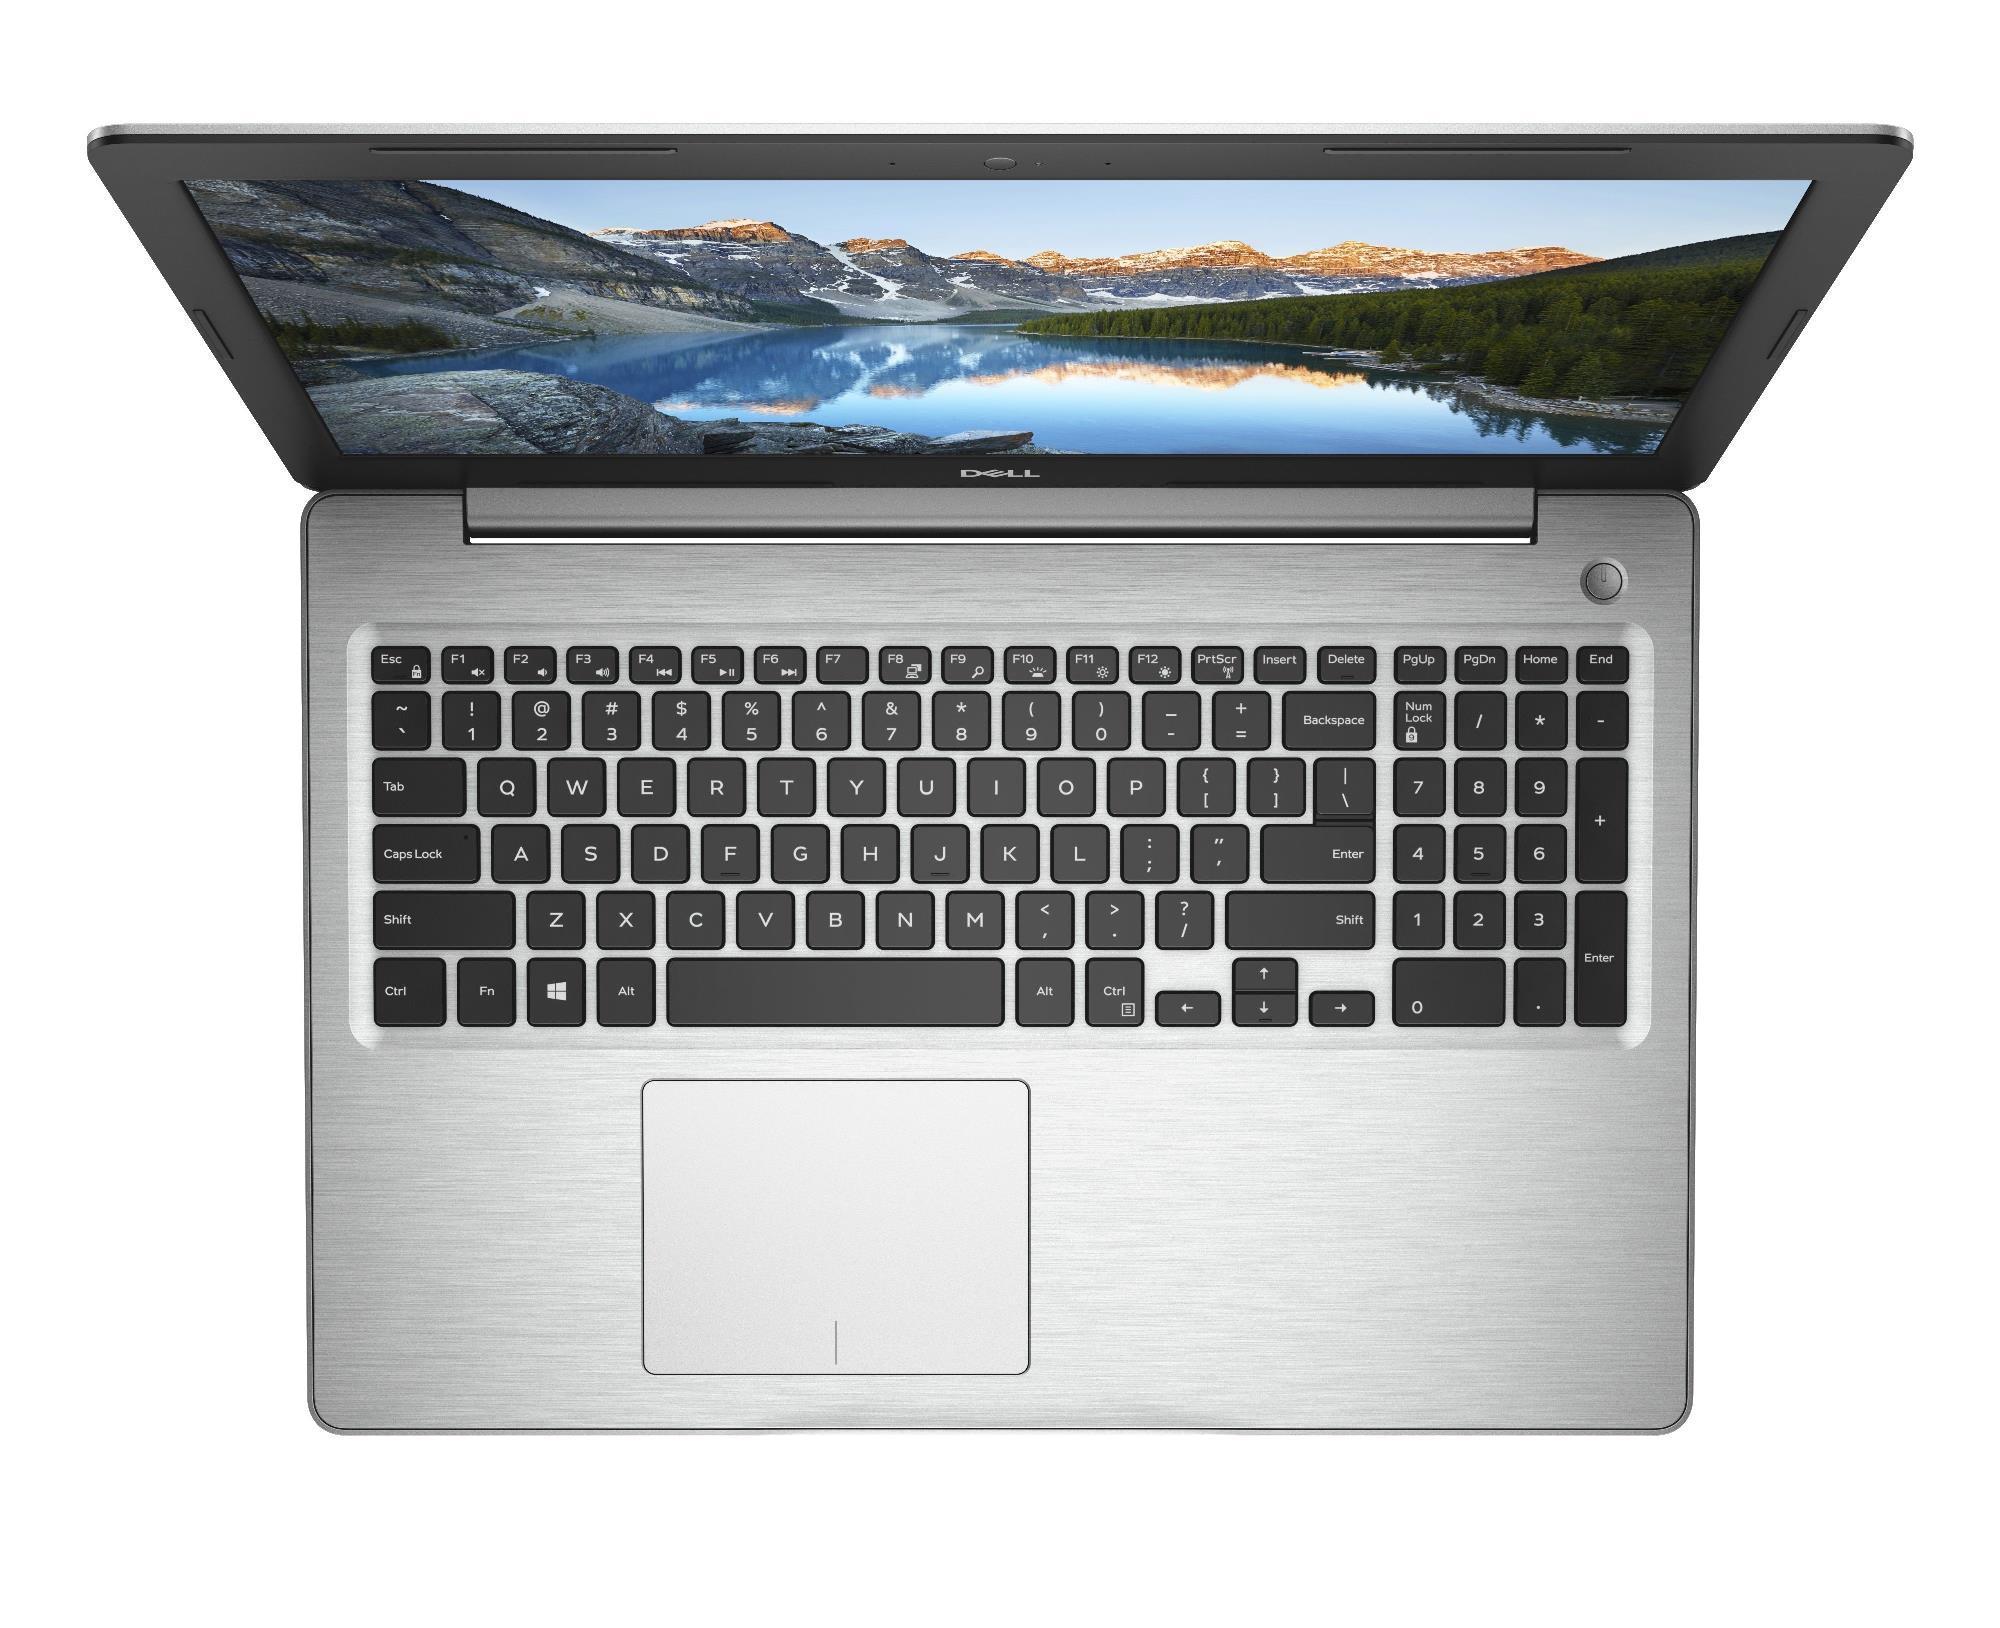 Dell Inspiron 15 5570 156 Core I5 Amd Radeon 530 4gb Ram 1tb 3462 Intel Celeron N3350 Hdd Silver With